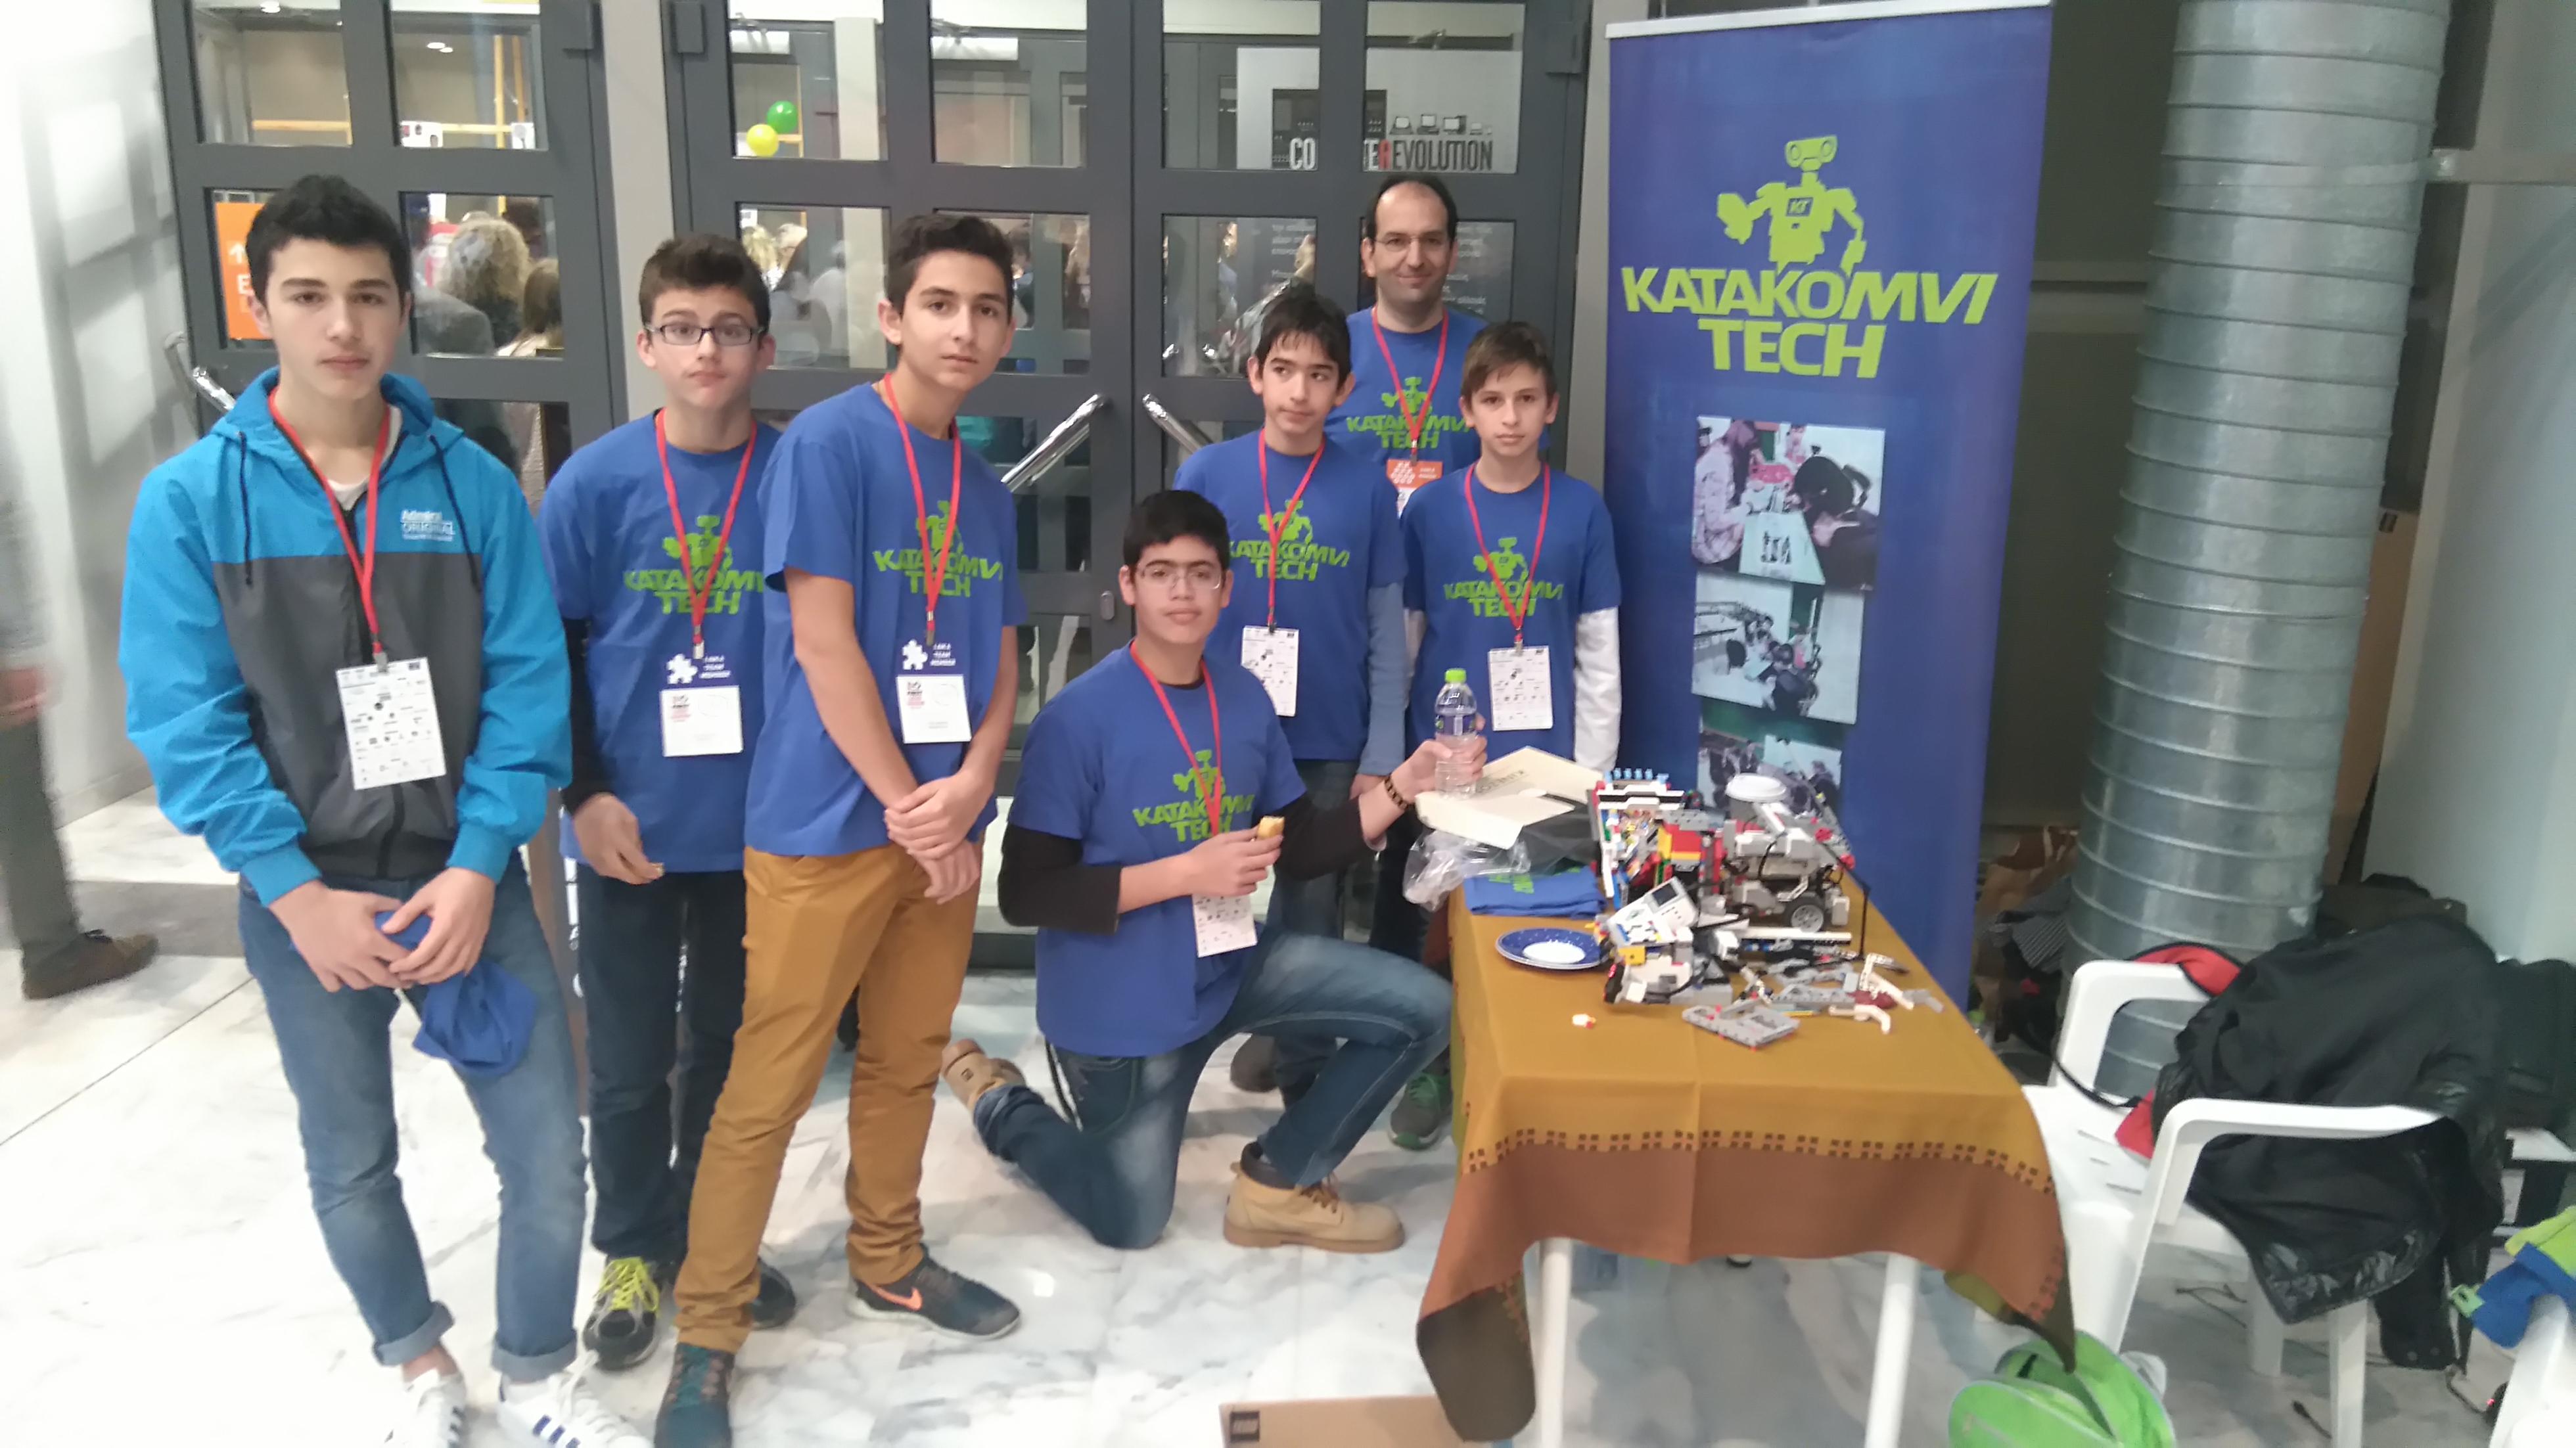 Η KATAKOMBH-TECH στον Διαγωνισμό Ρομποτικής FLL